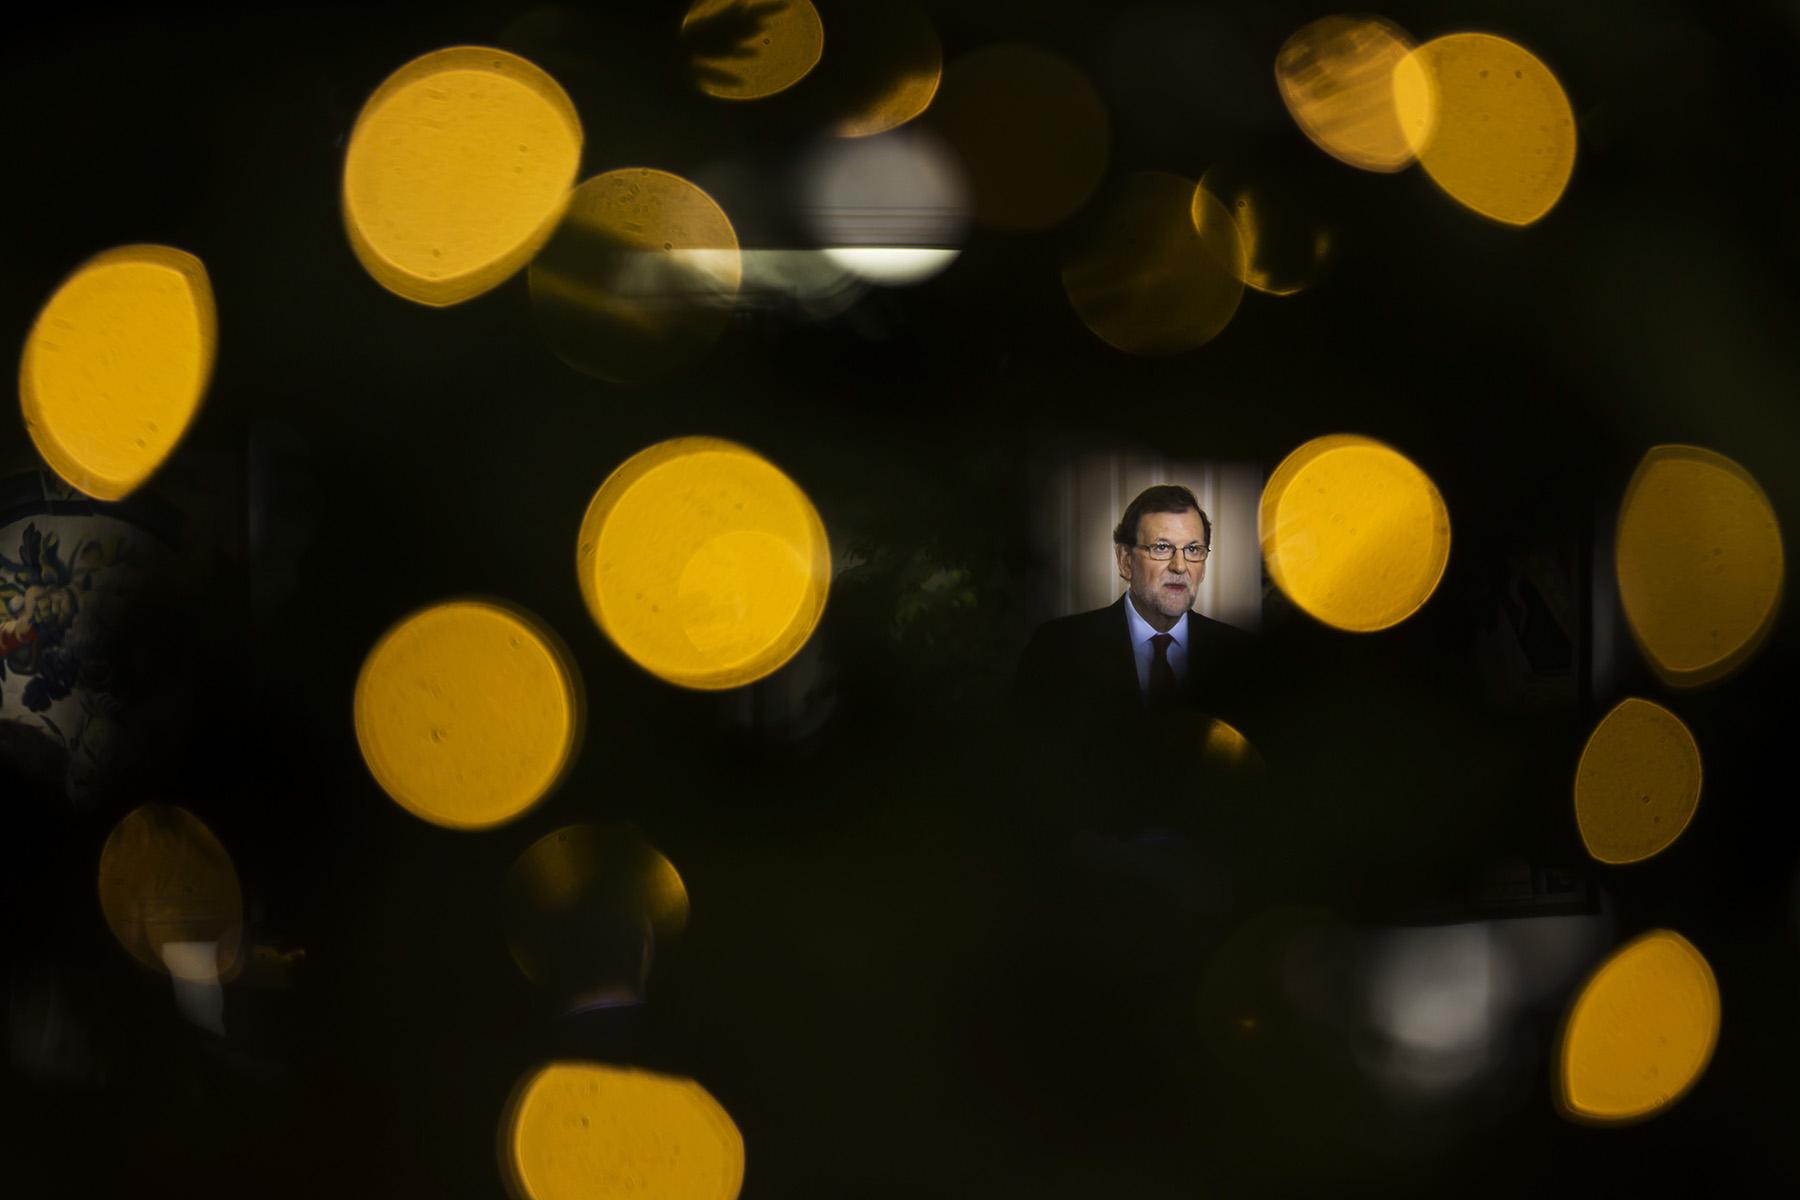 Rueda de Prensa Mariano Rajoy en el Palacio de la Moncloa donde el Presidente del Gobierno hace Balance del Año©  Alberto R. Roldan / Diario La Razon30 12 2016